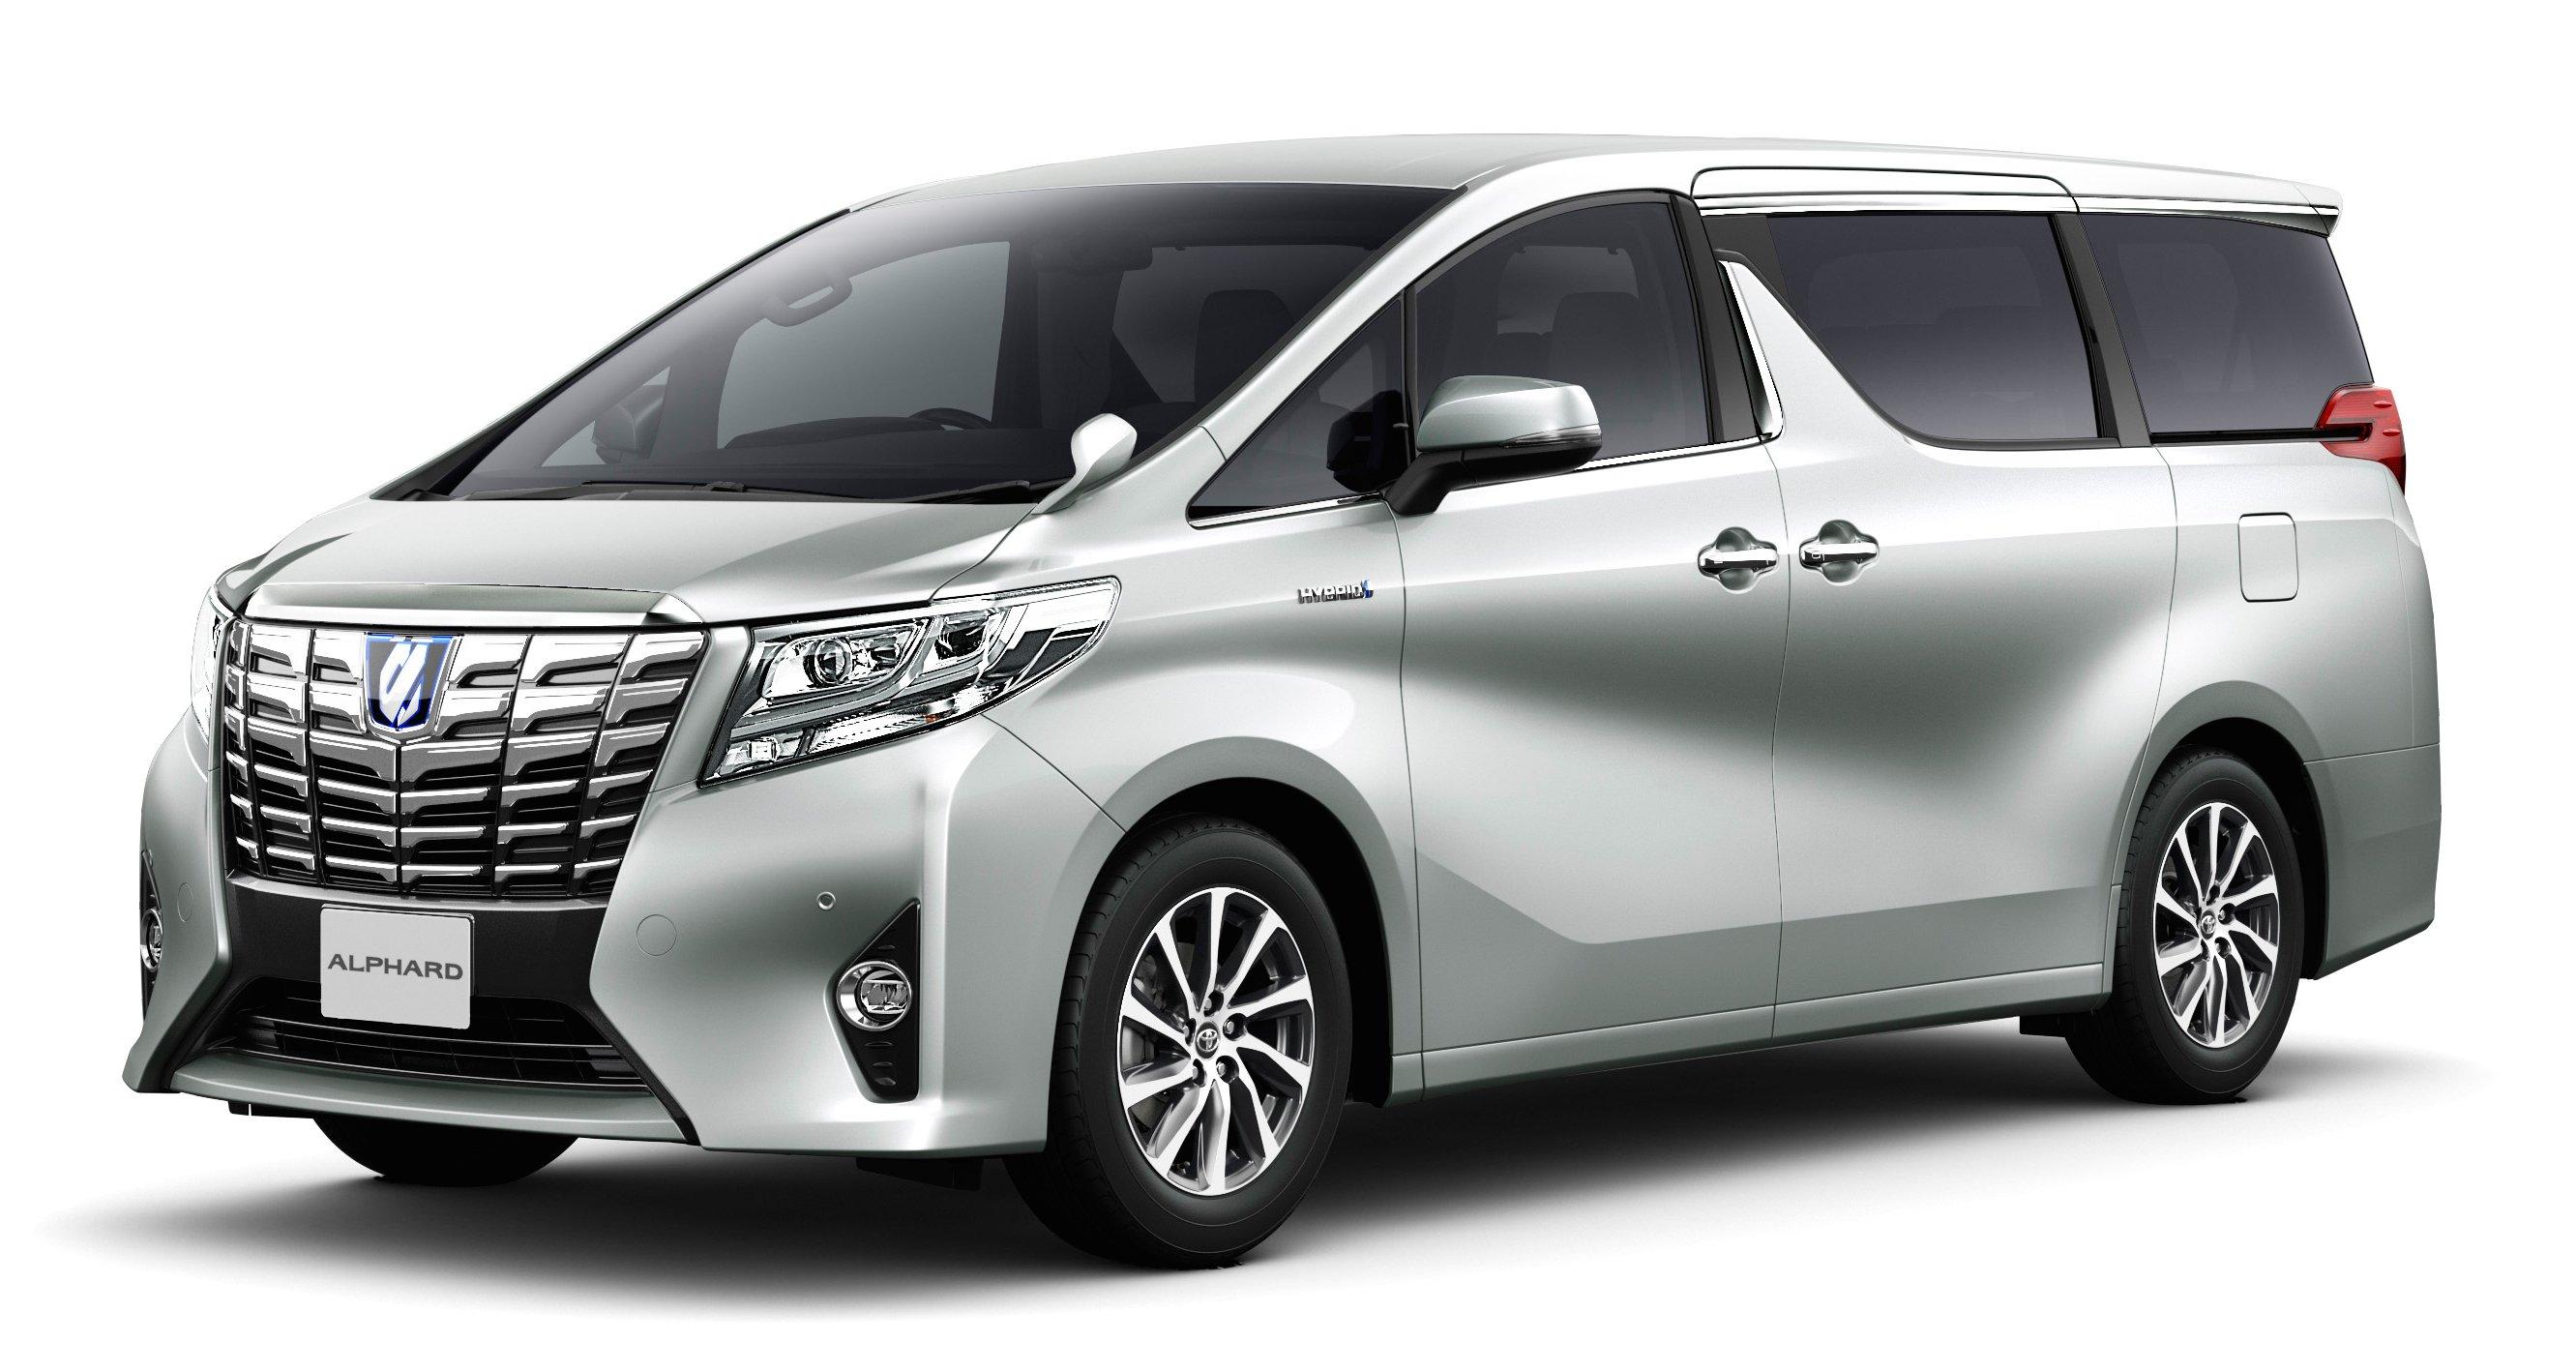 2015-Toyota-Alphard_005-Alphard-G-F-Package.jpg